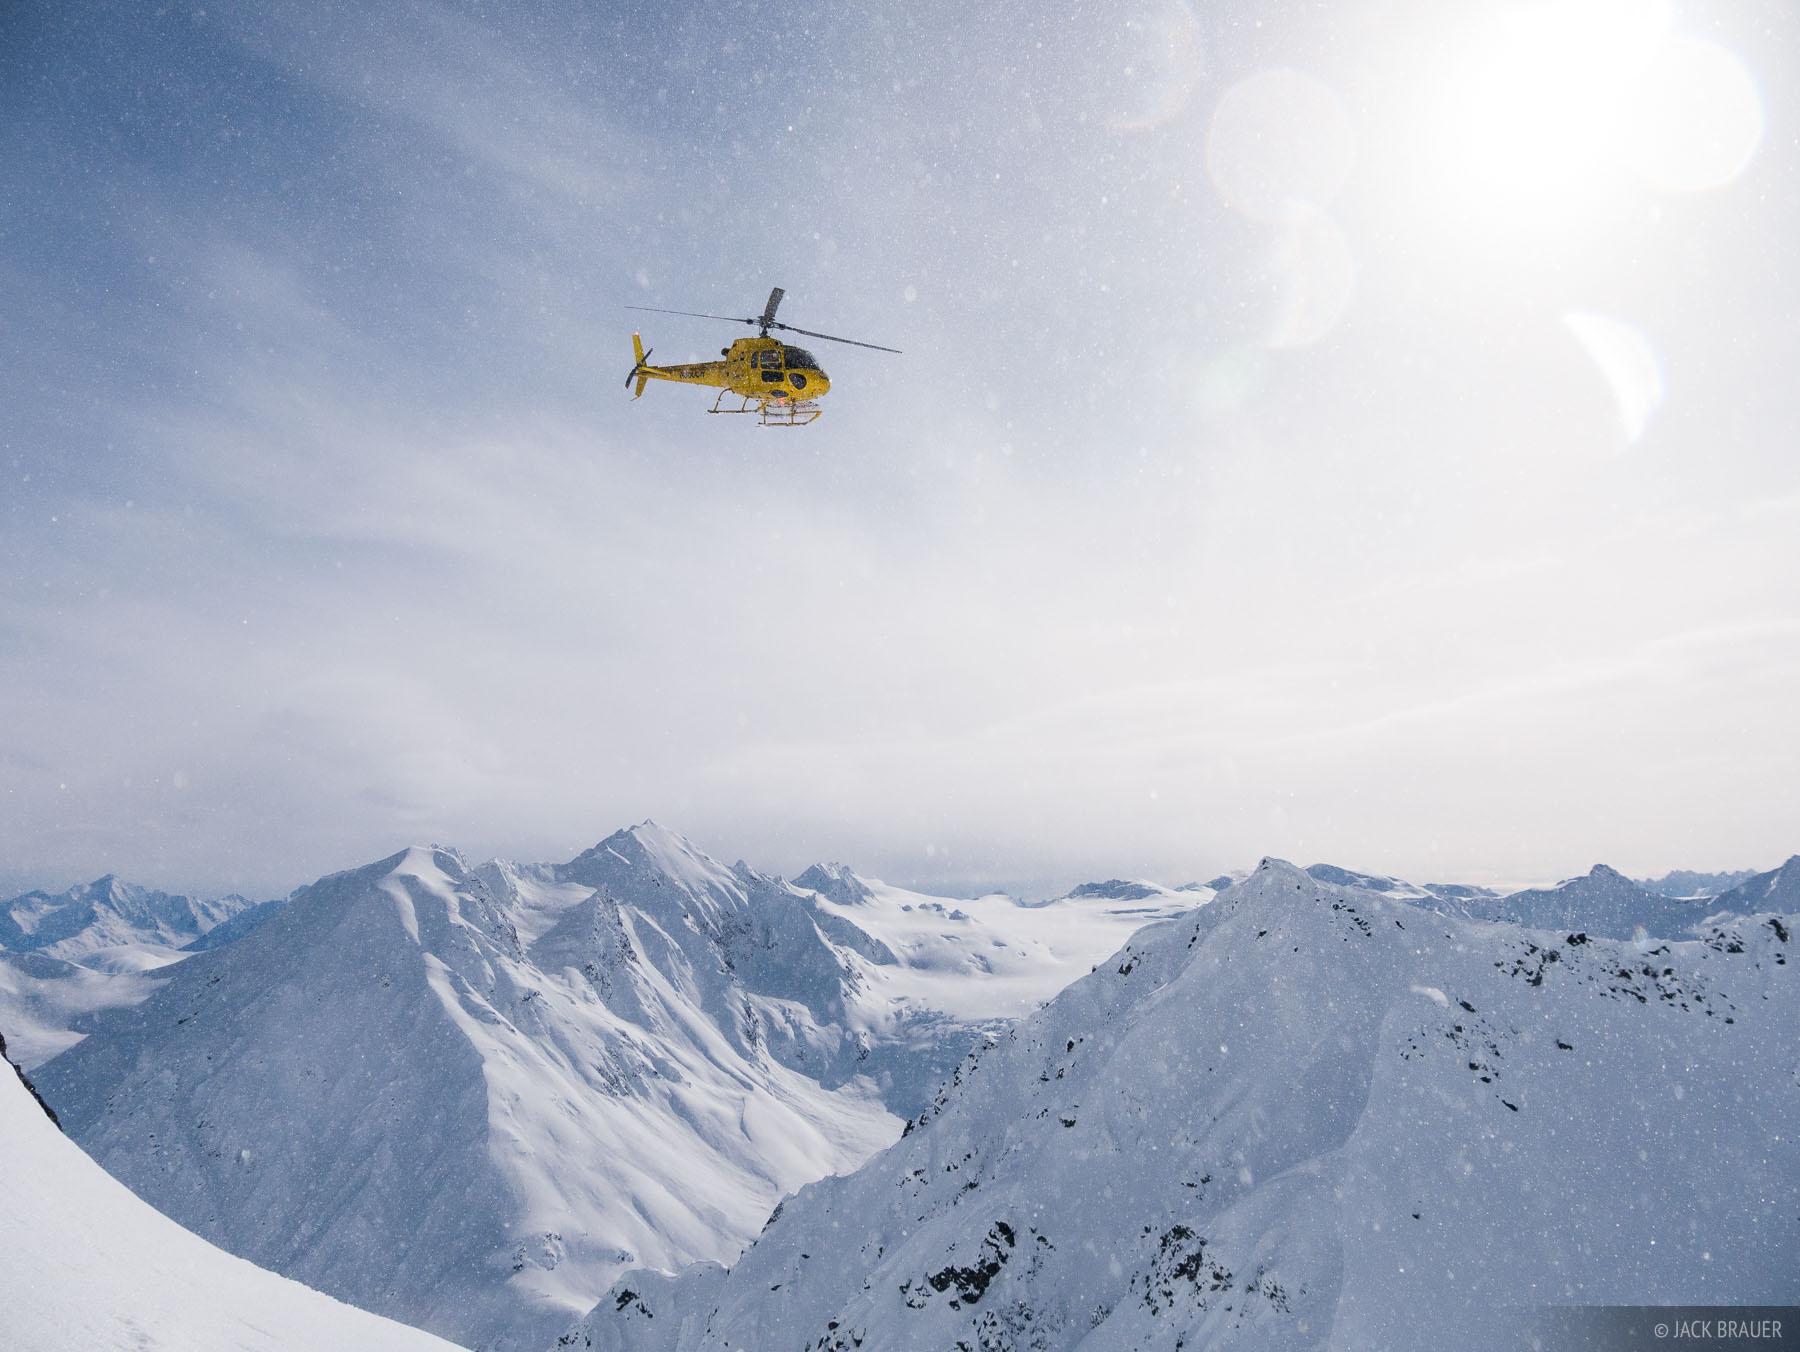 Alaska, Haines, helicopter, Takhinsha Mountains, photo